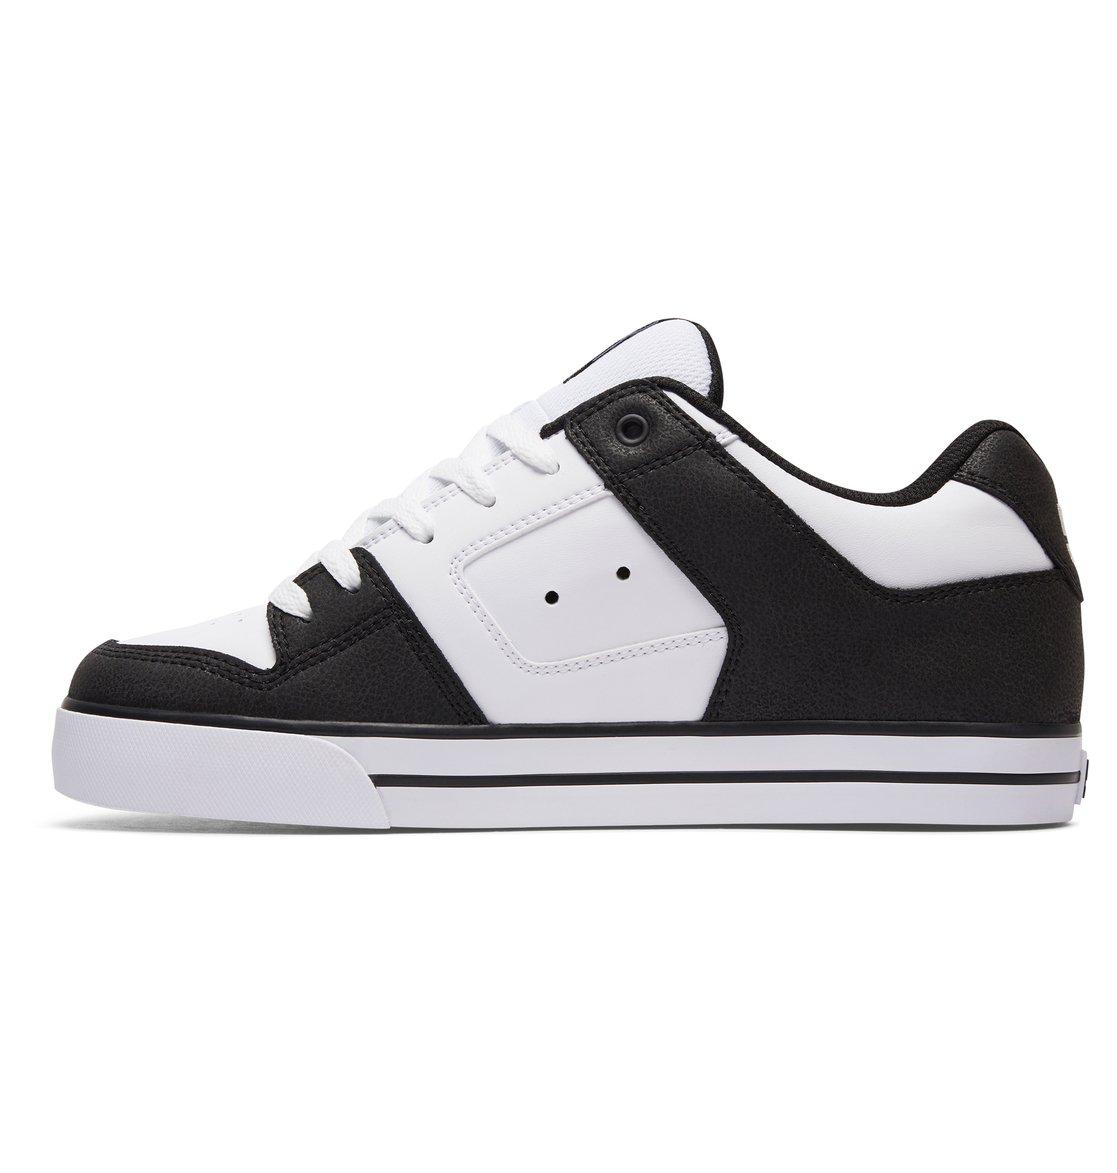 men 39 s pure shoes 888327921273 dc shoes. Black Bedroom Furniture Sets. Home Design Ideas